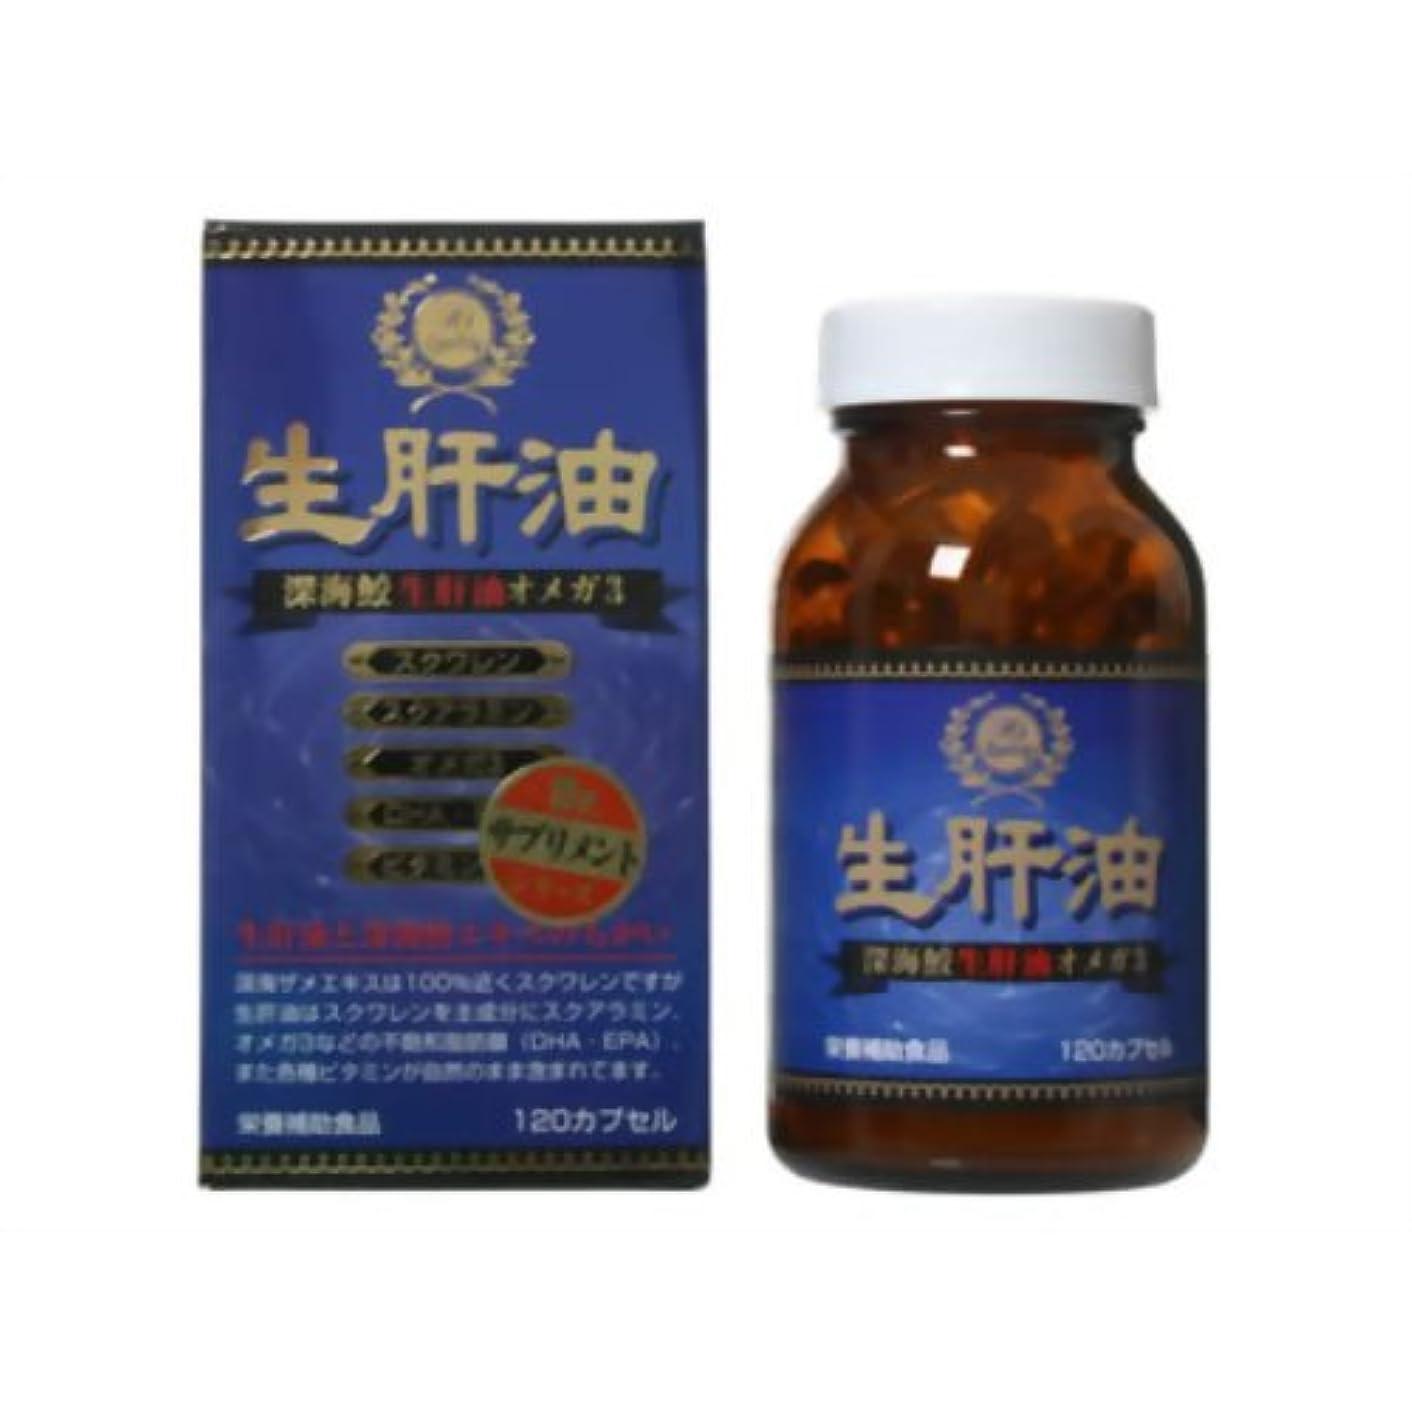 現実的補助金セラー生肝油 オメガ3 120カプセル